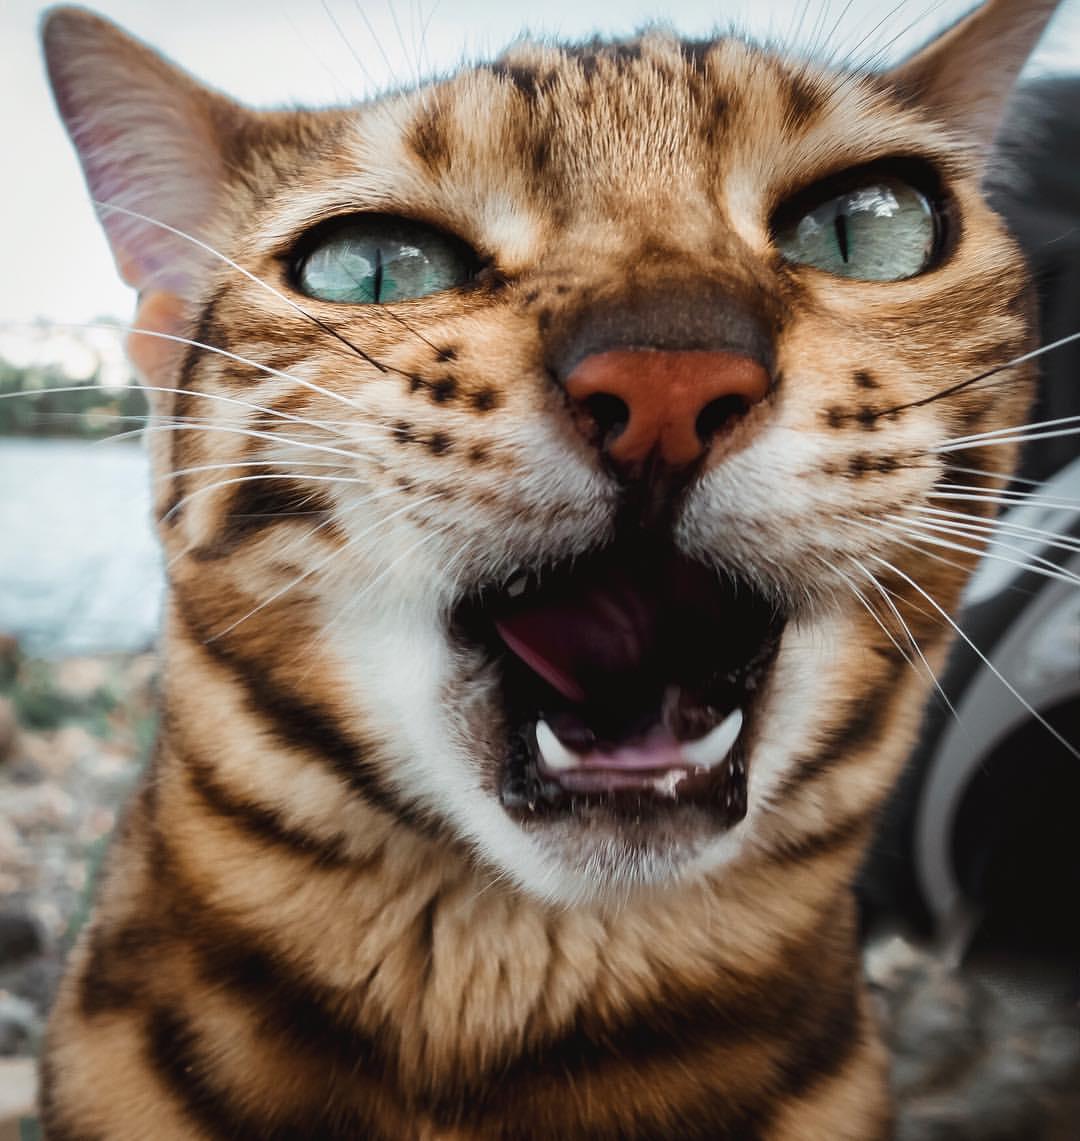 дочка картинки открытый рот кошки отпуска еще